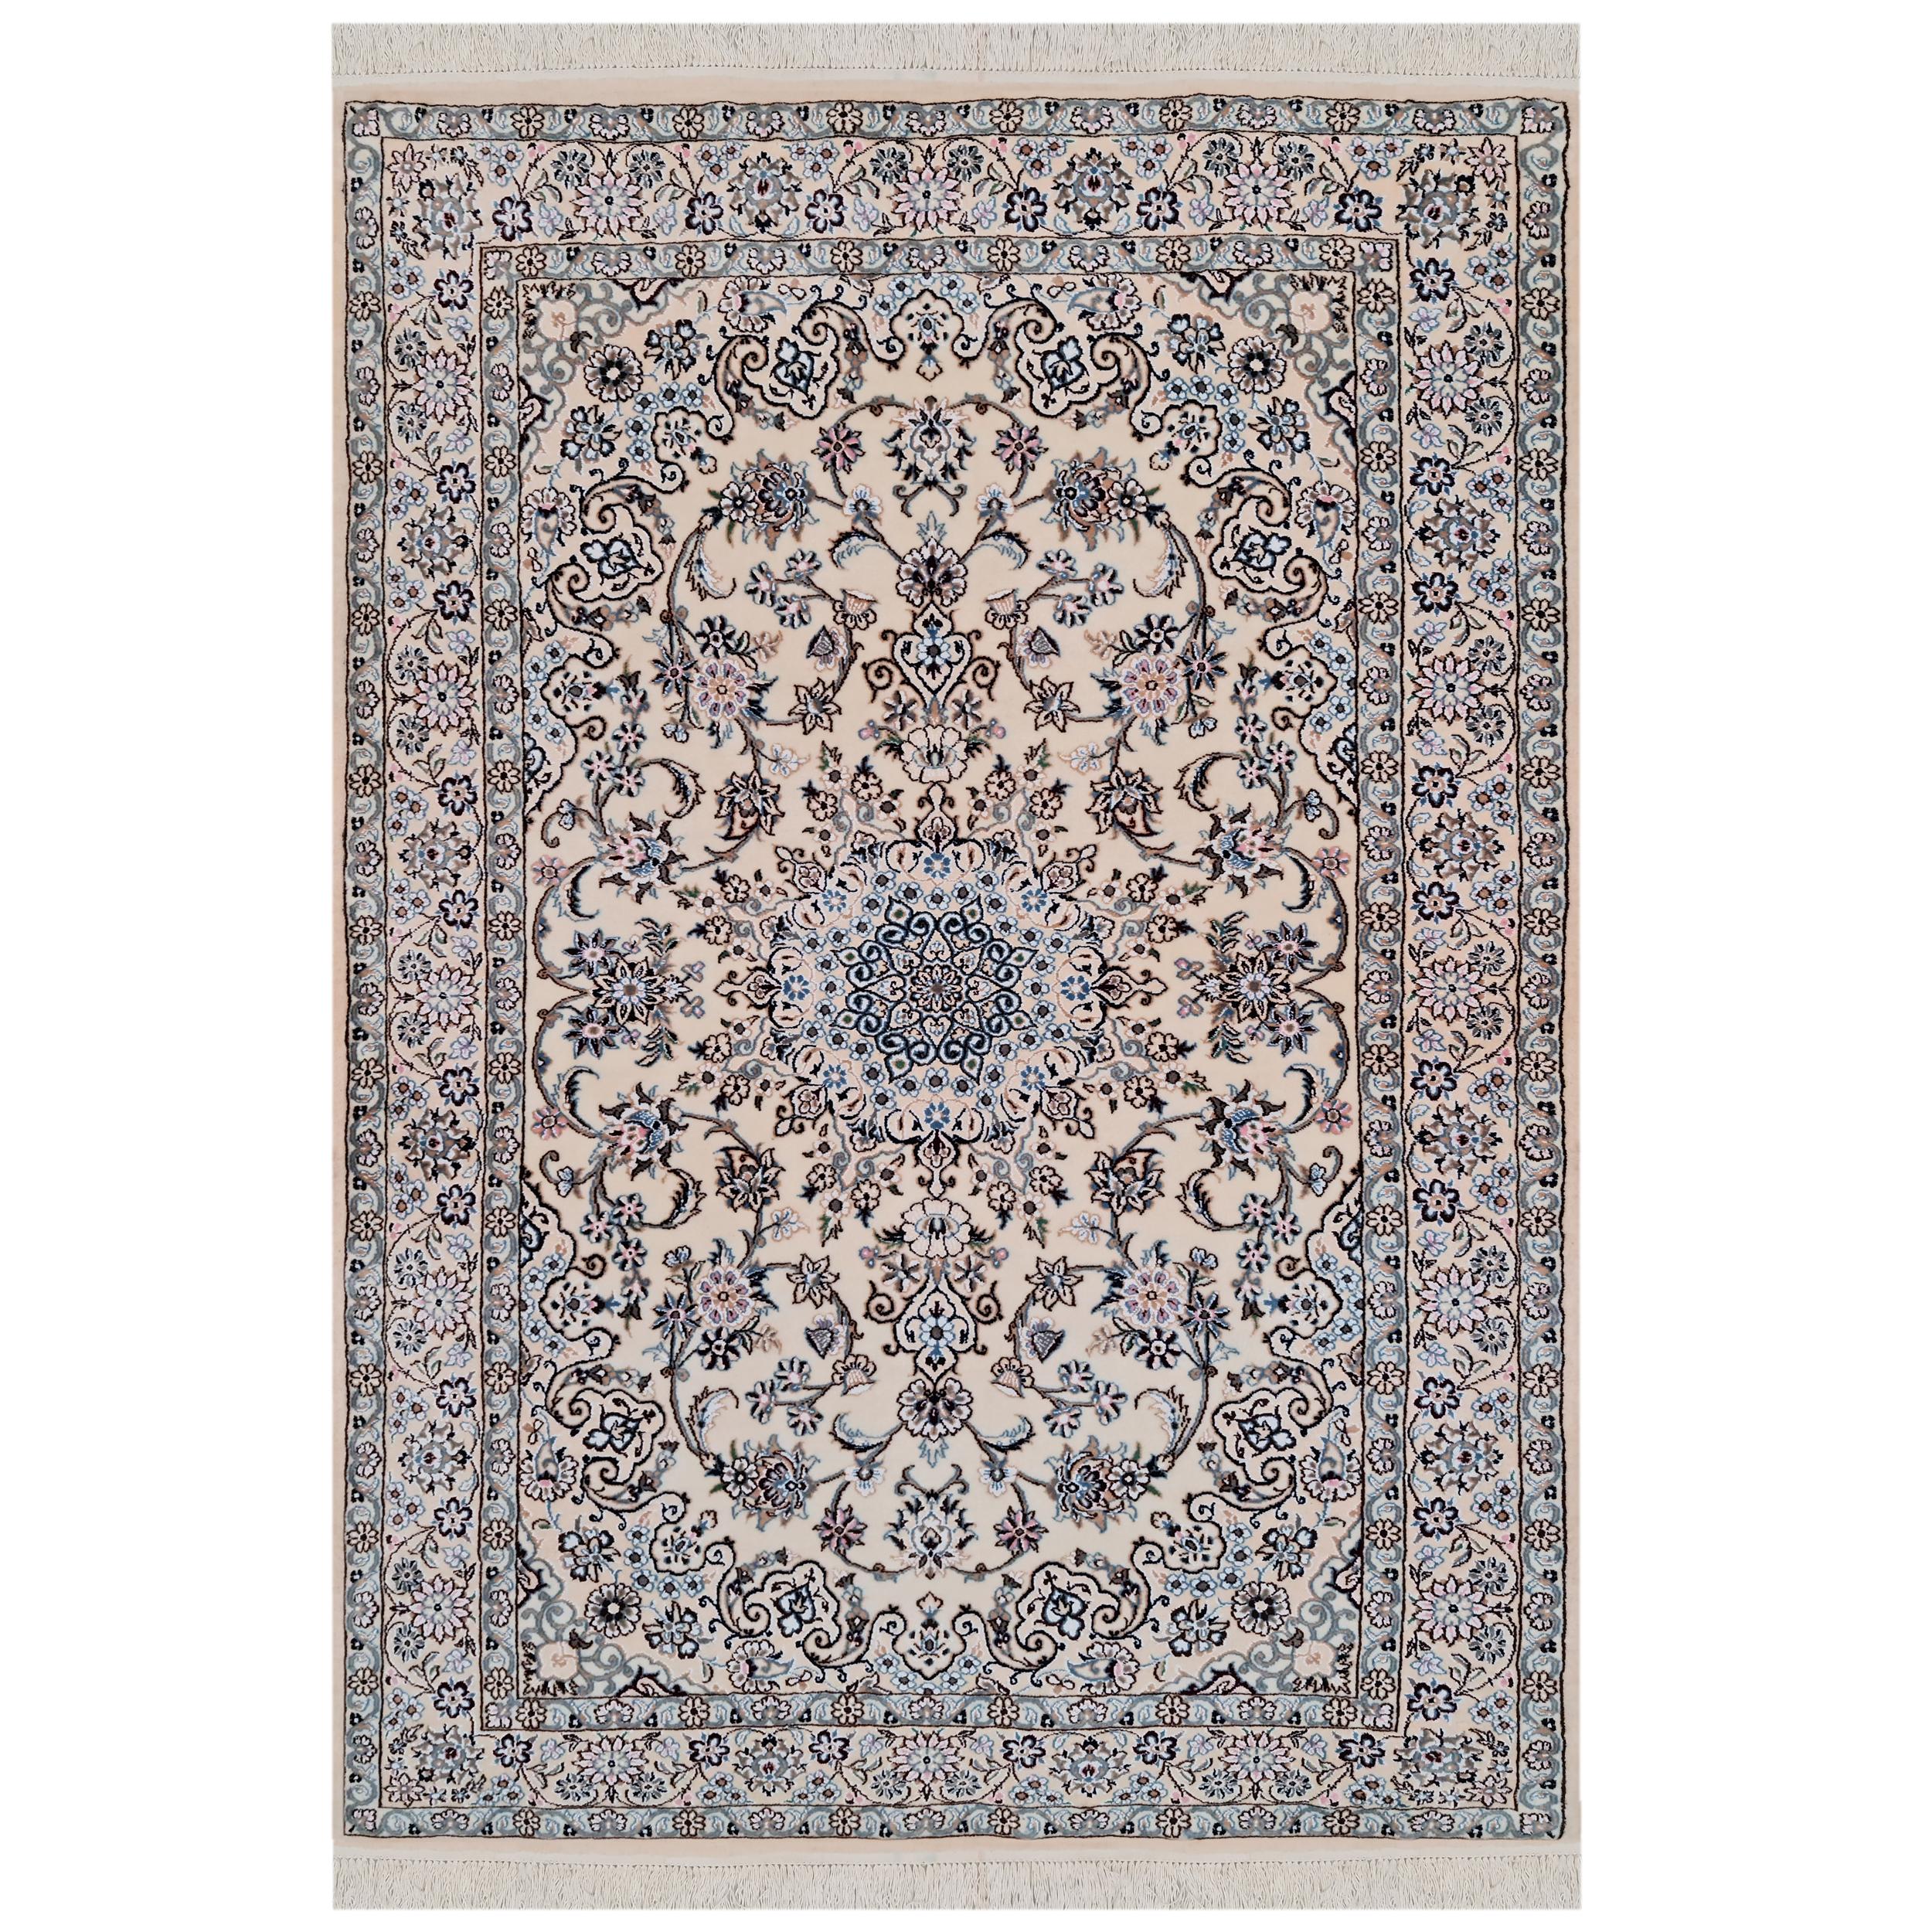 فرش دستبافت دو نیم متری مدل نایین کد 1105789